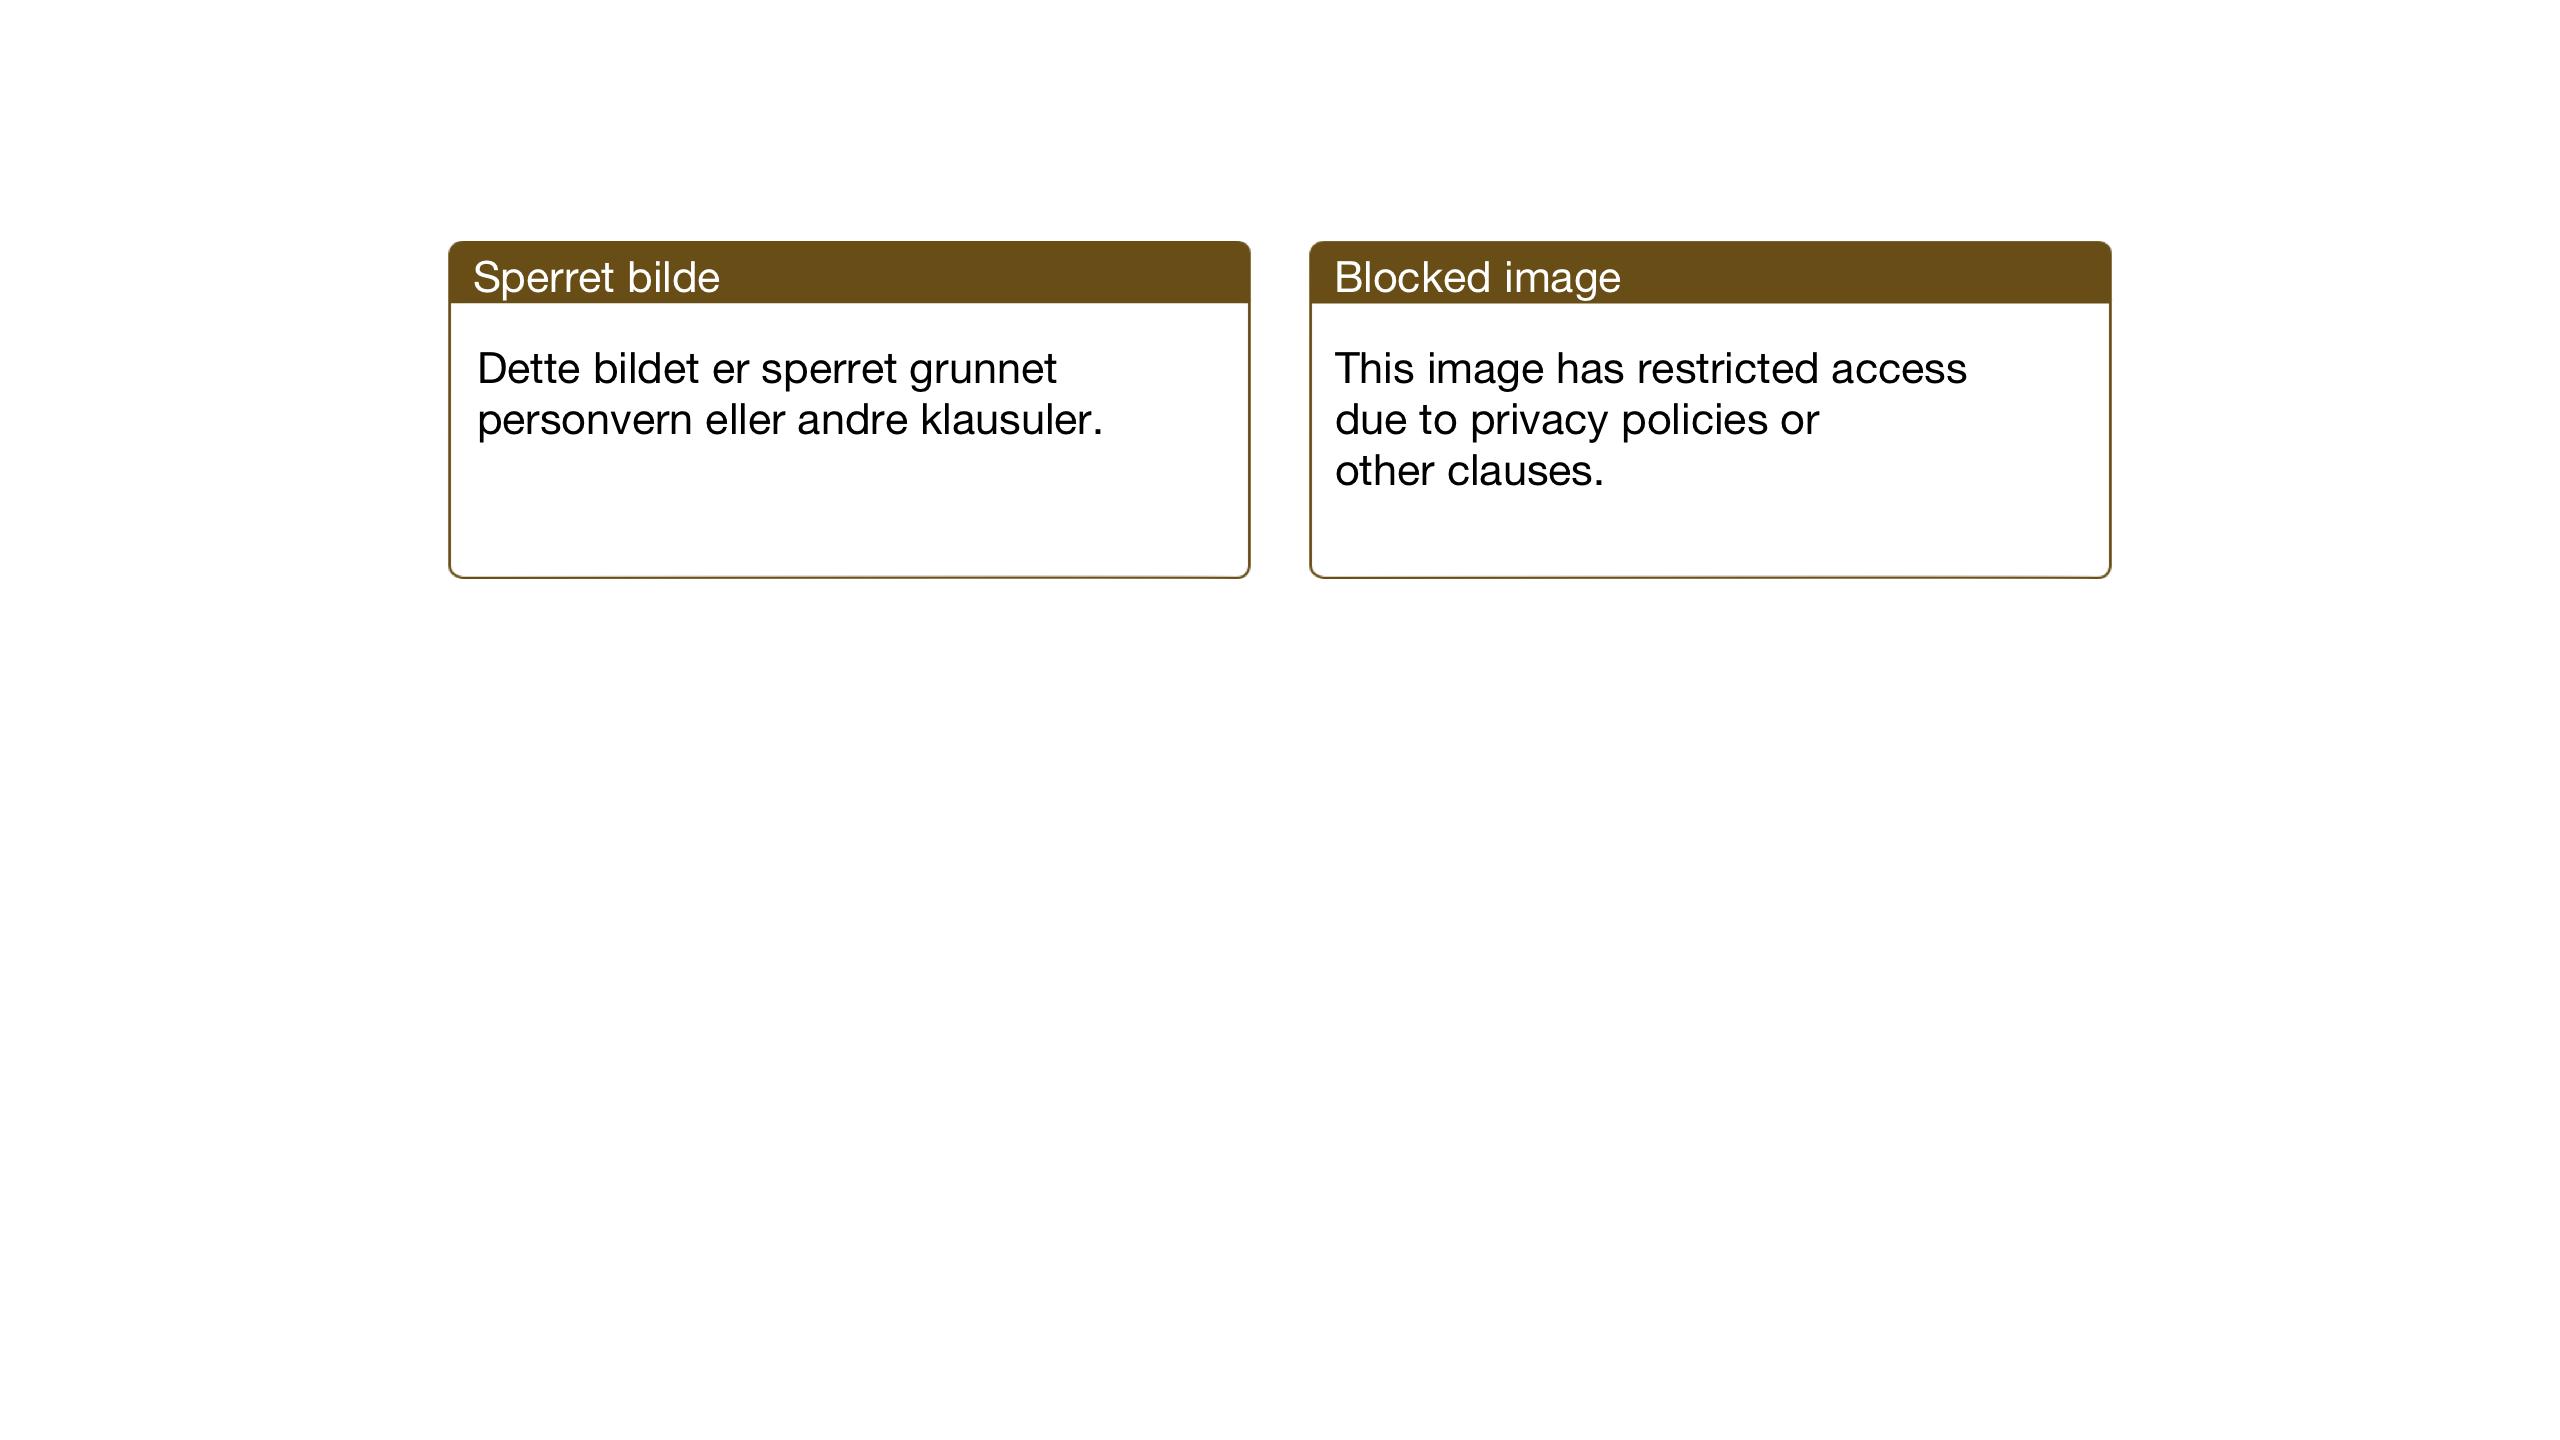 SAT, Ministerialprotokoller, klokkerbøker og fødselsregistre - Sør-Trøndelag, 651/L0648: Klokkerbok nr. 651C02, 1915-1945, s. 201